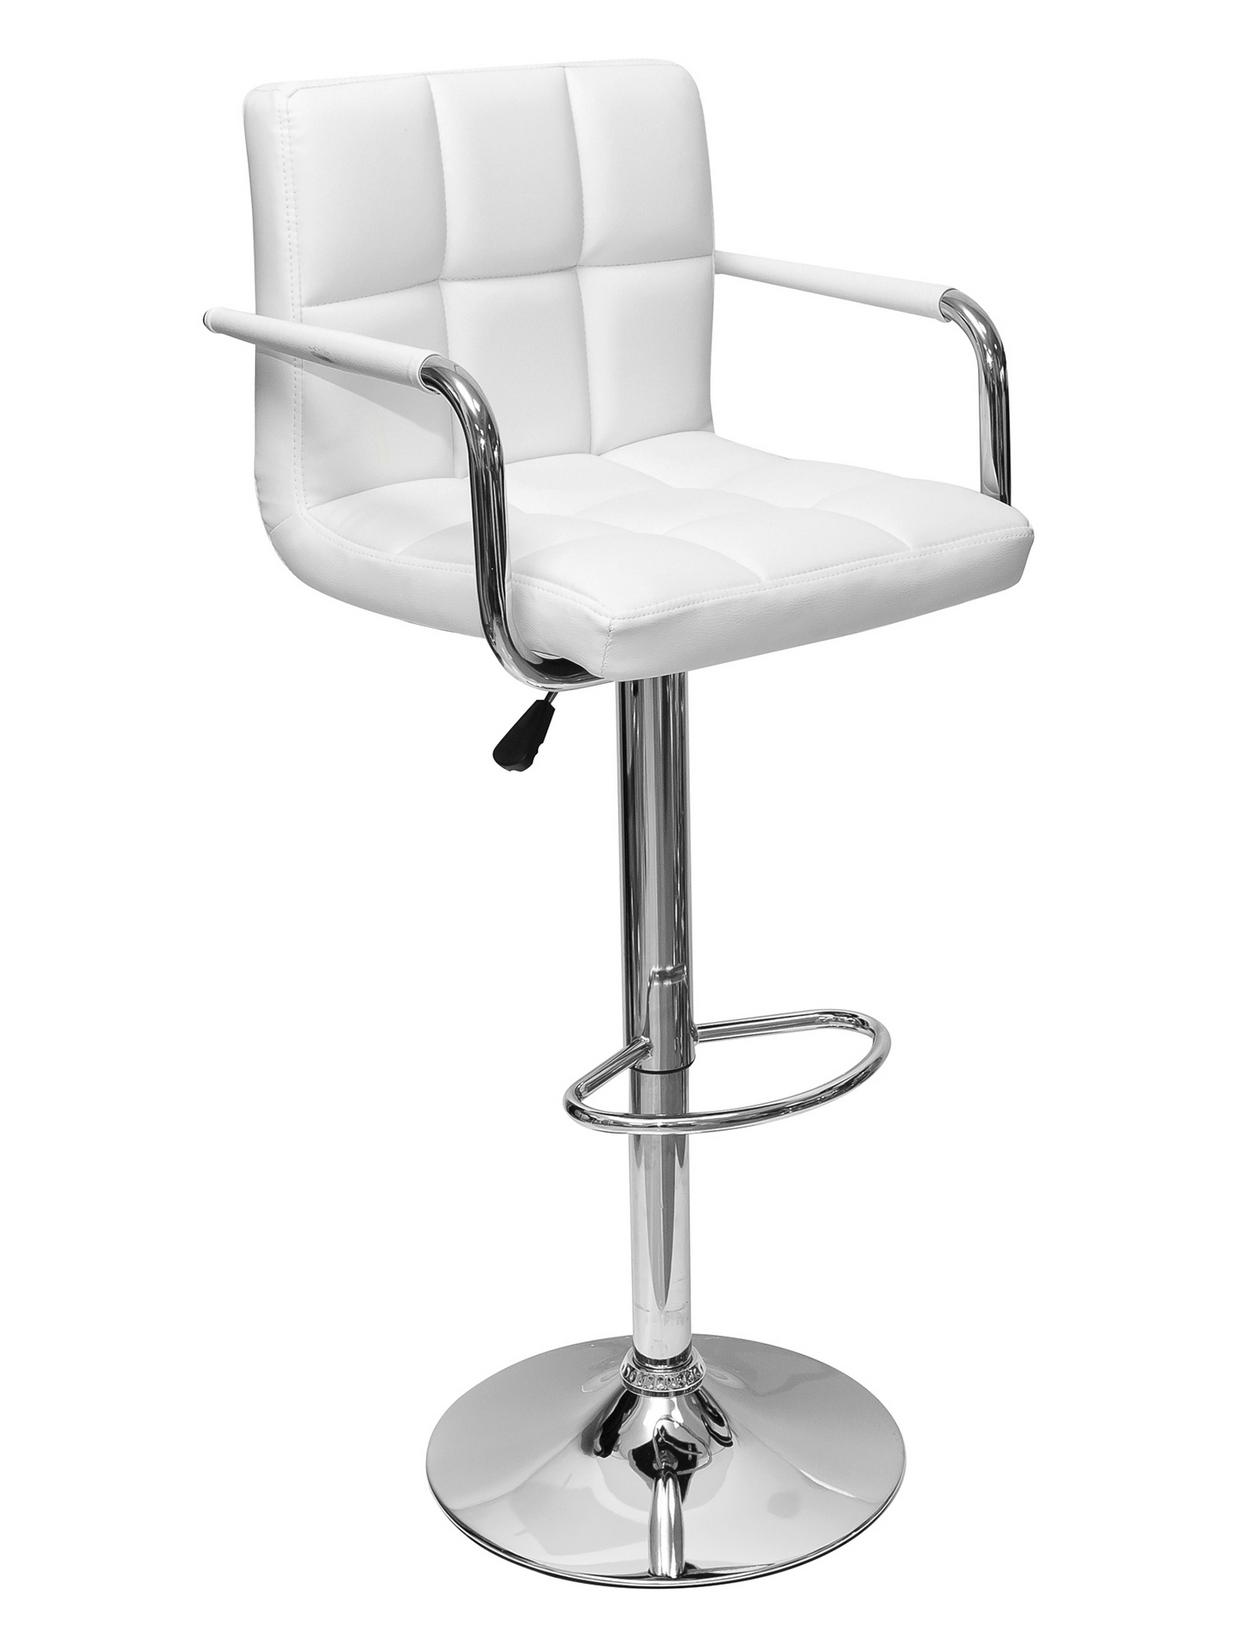 Кожаный барный стул с подлокотниками 160-51462